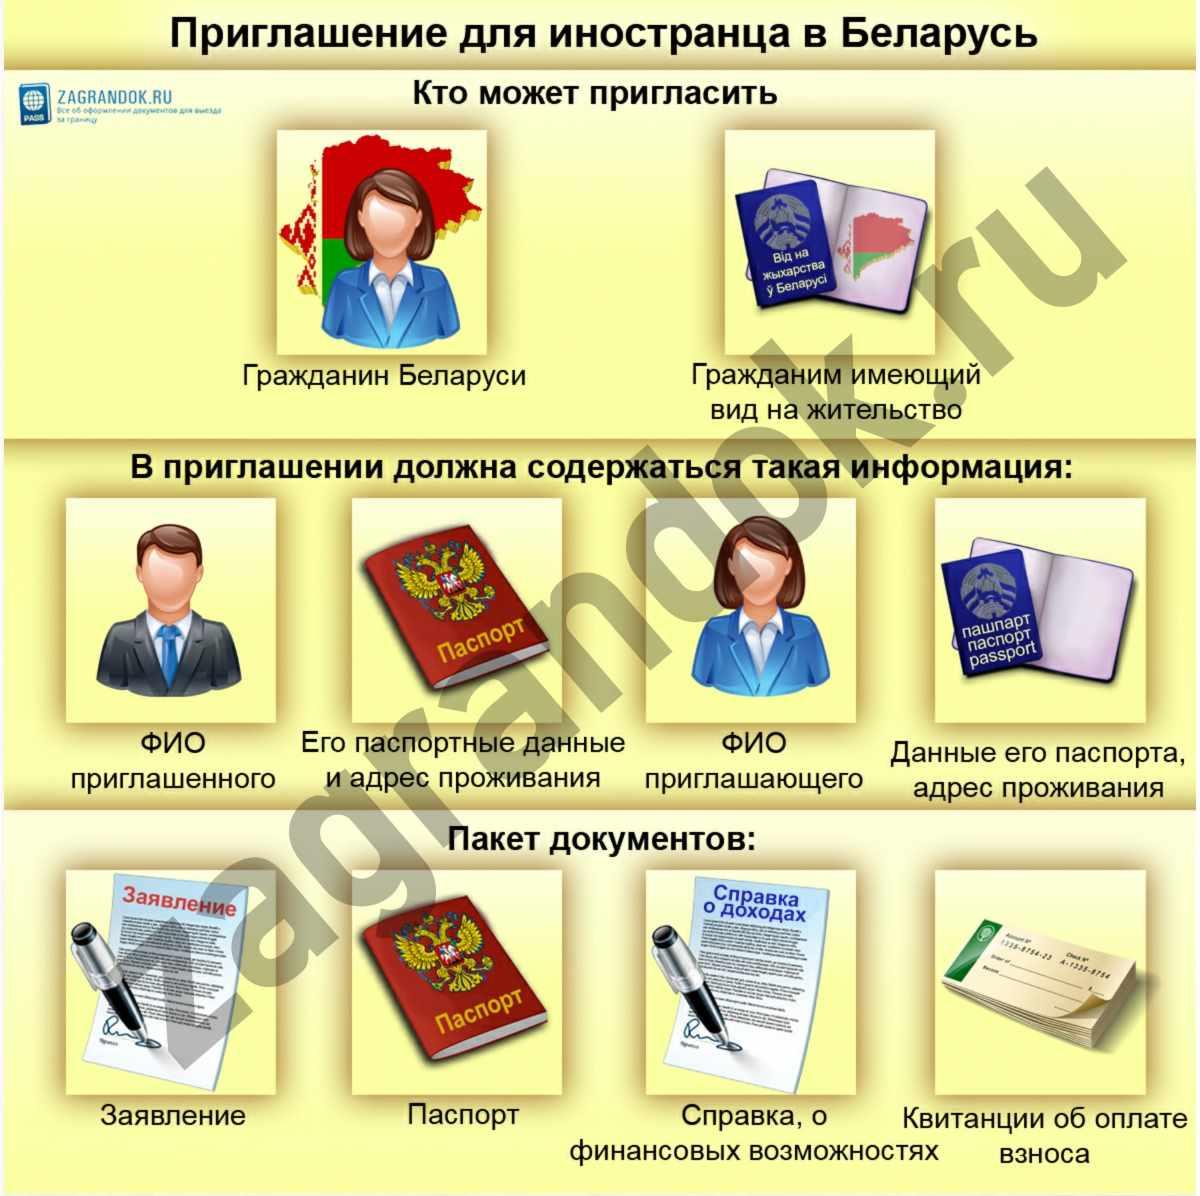 Приглашение для иностранца в Беларусь